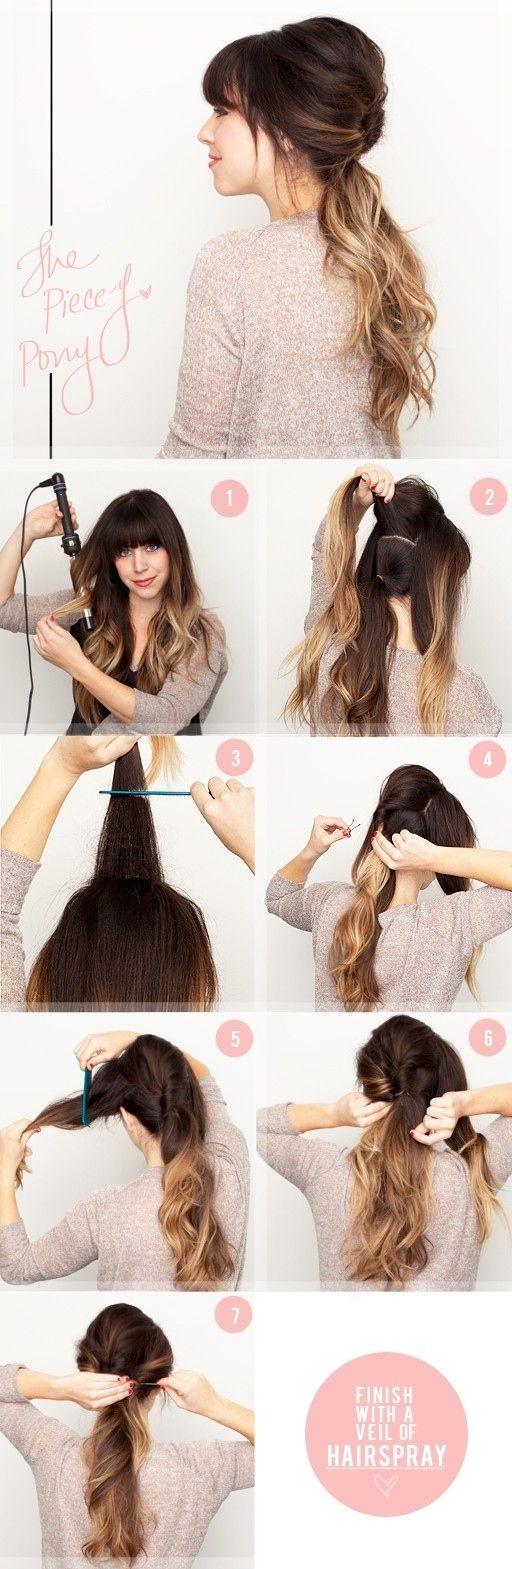 Прически на пышные волосы (10)